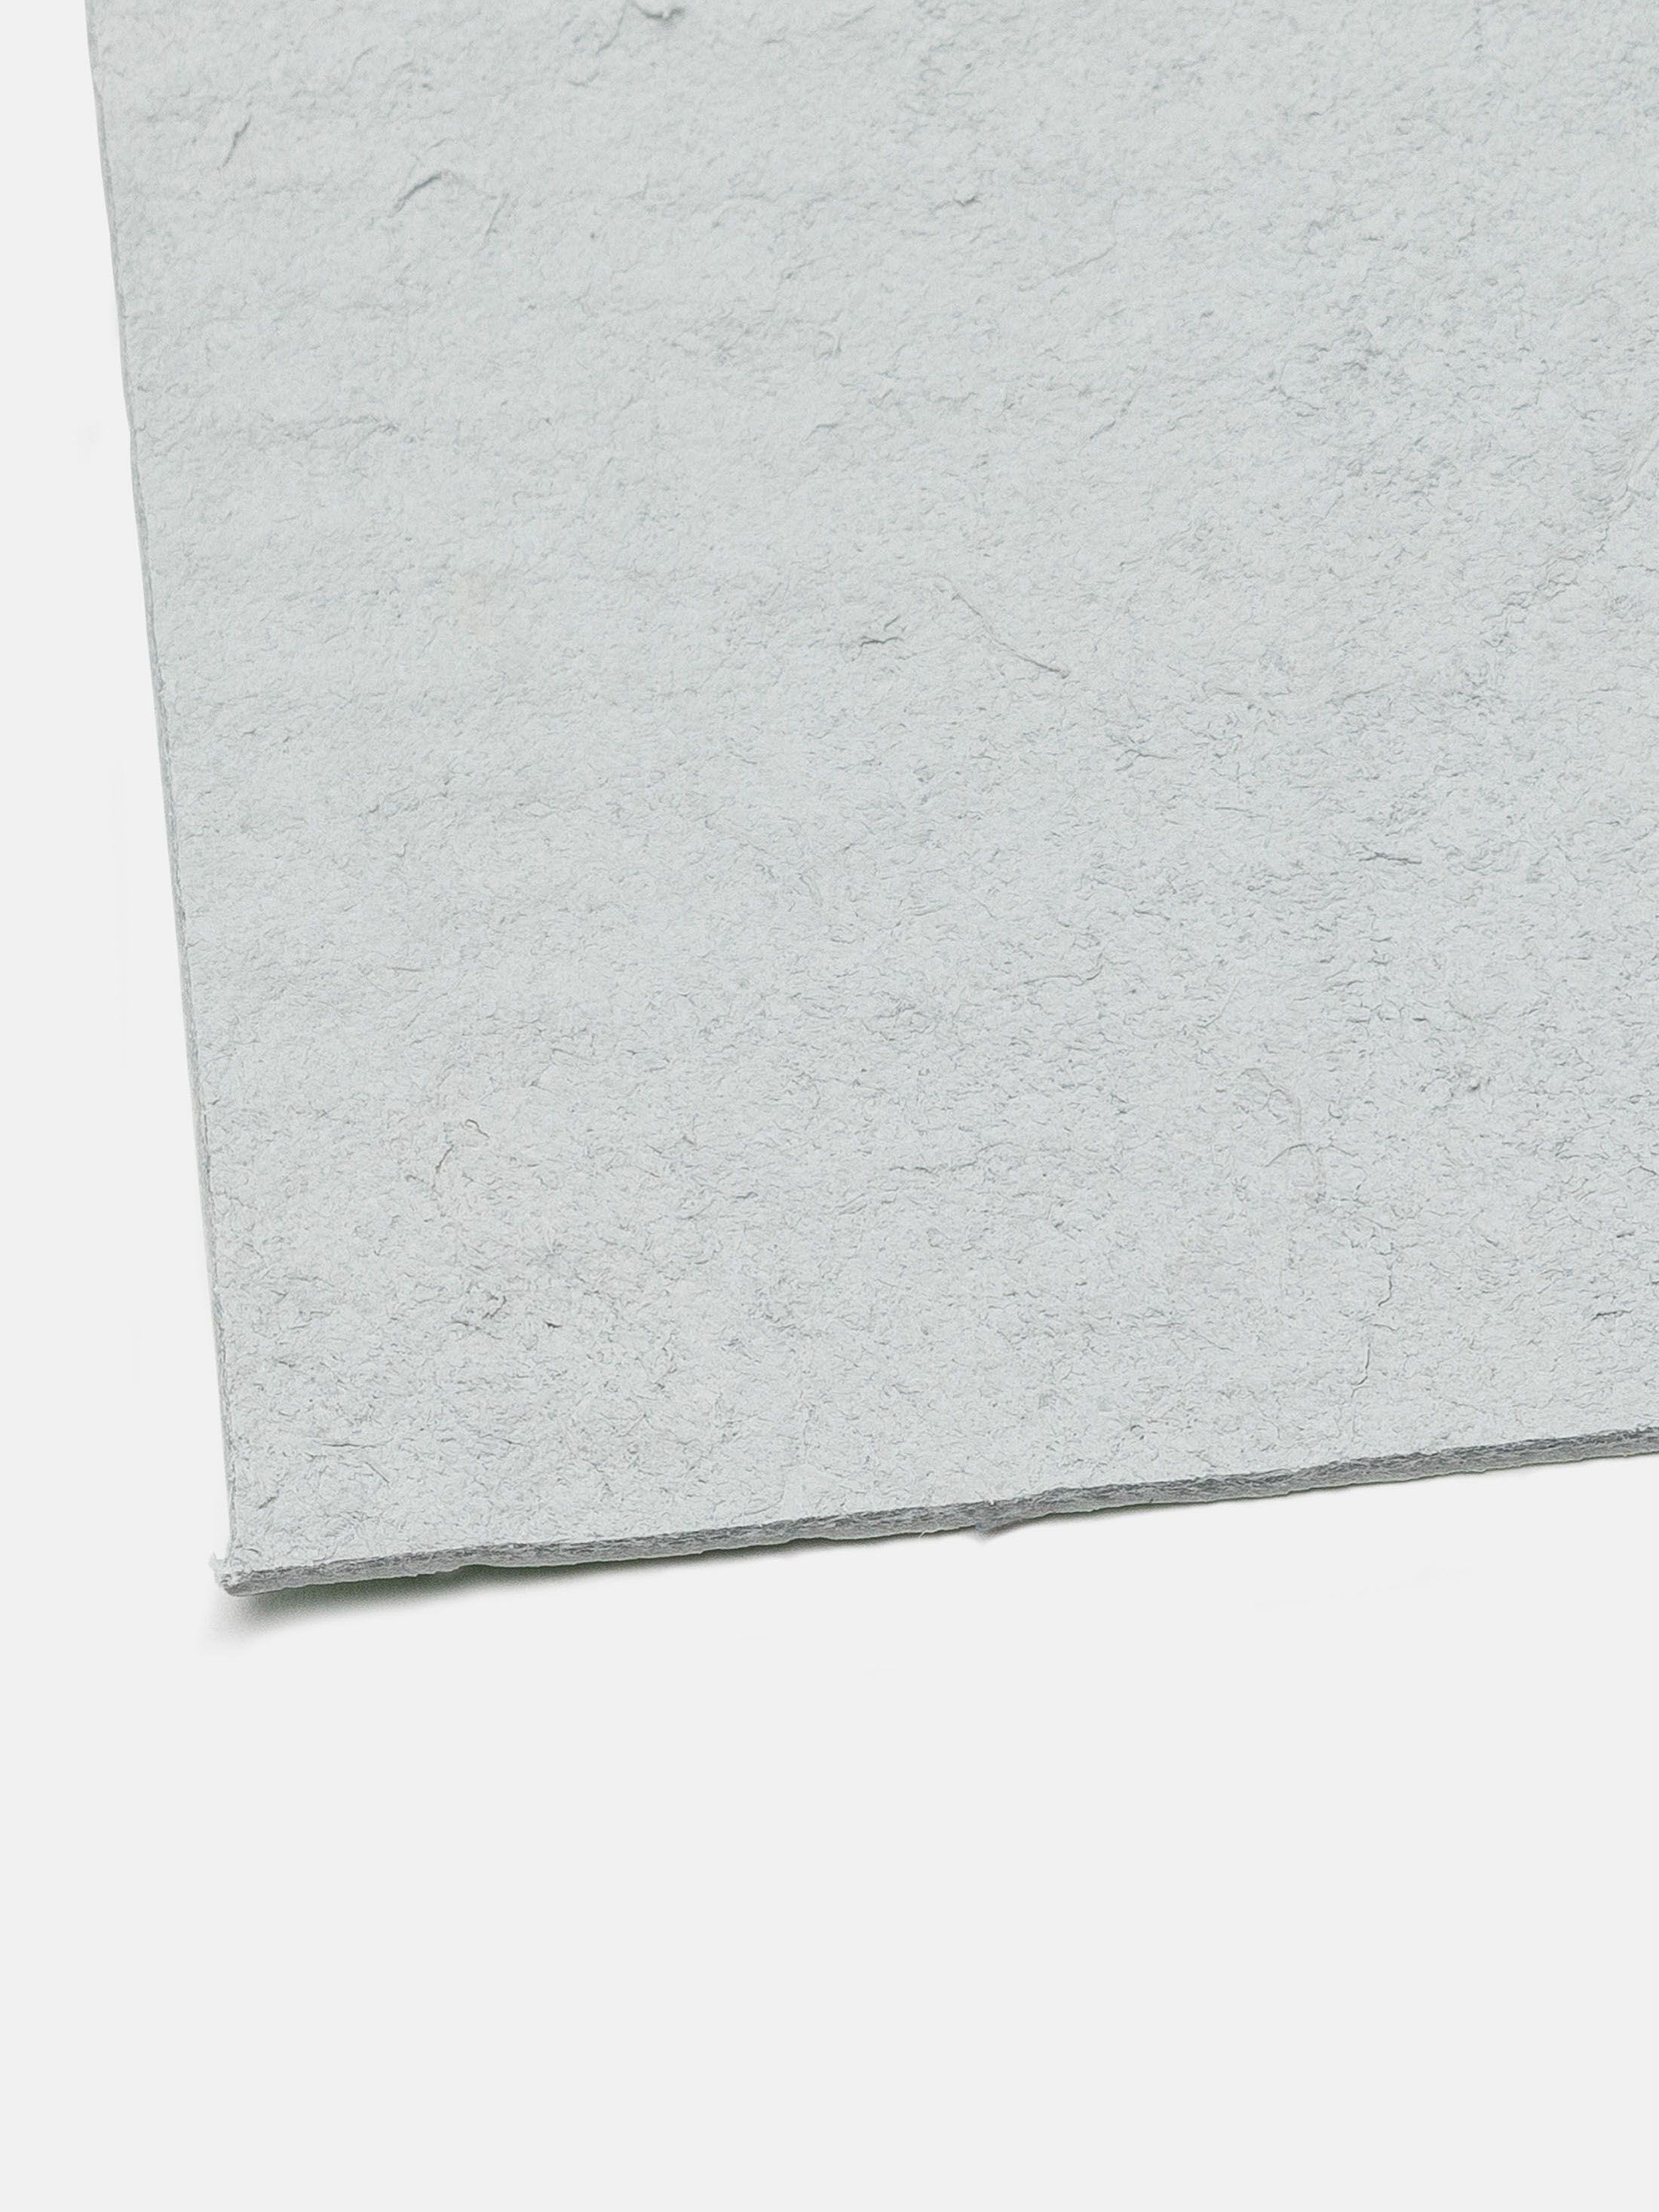 muestra impresa en planchas de cuero reciclado